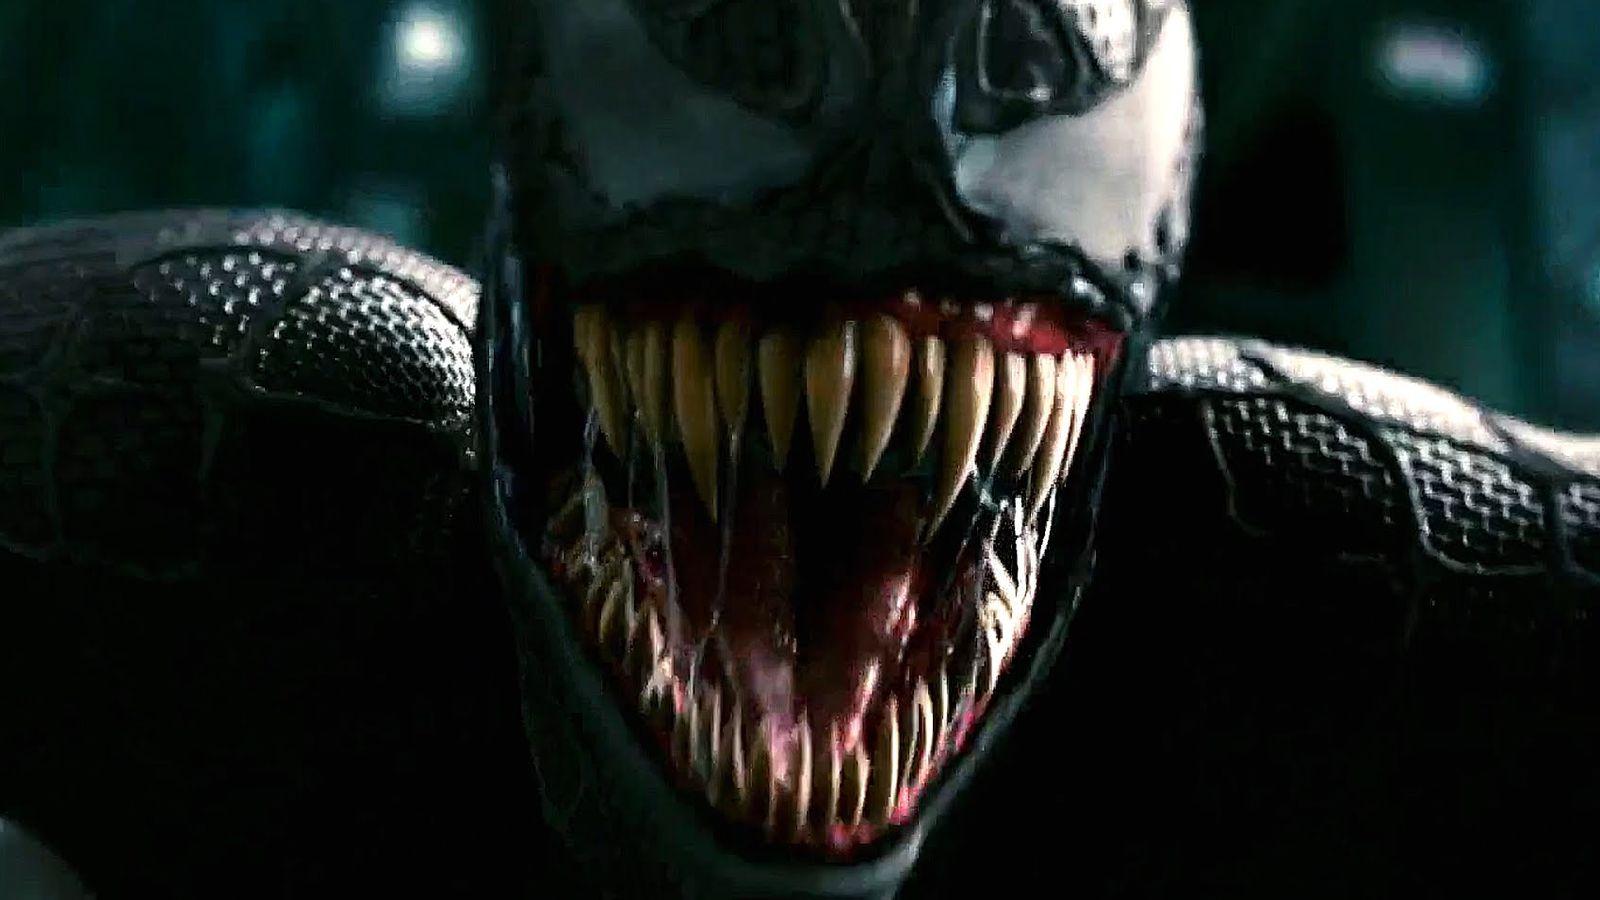 Spider-Man villain Venom will get his own movie in October ...